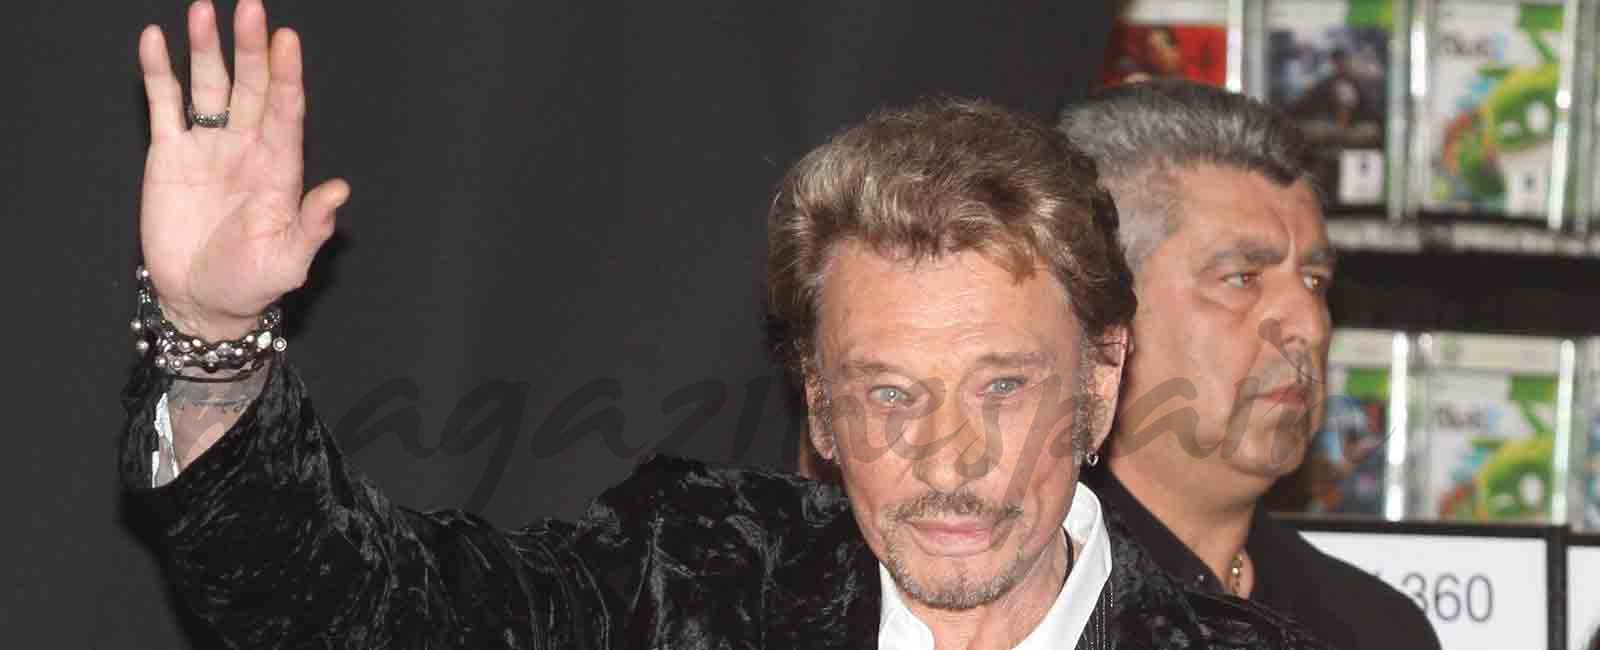 Johnny Hallyday fallece a los 74 años victima de un cáncer de pulmón